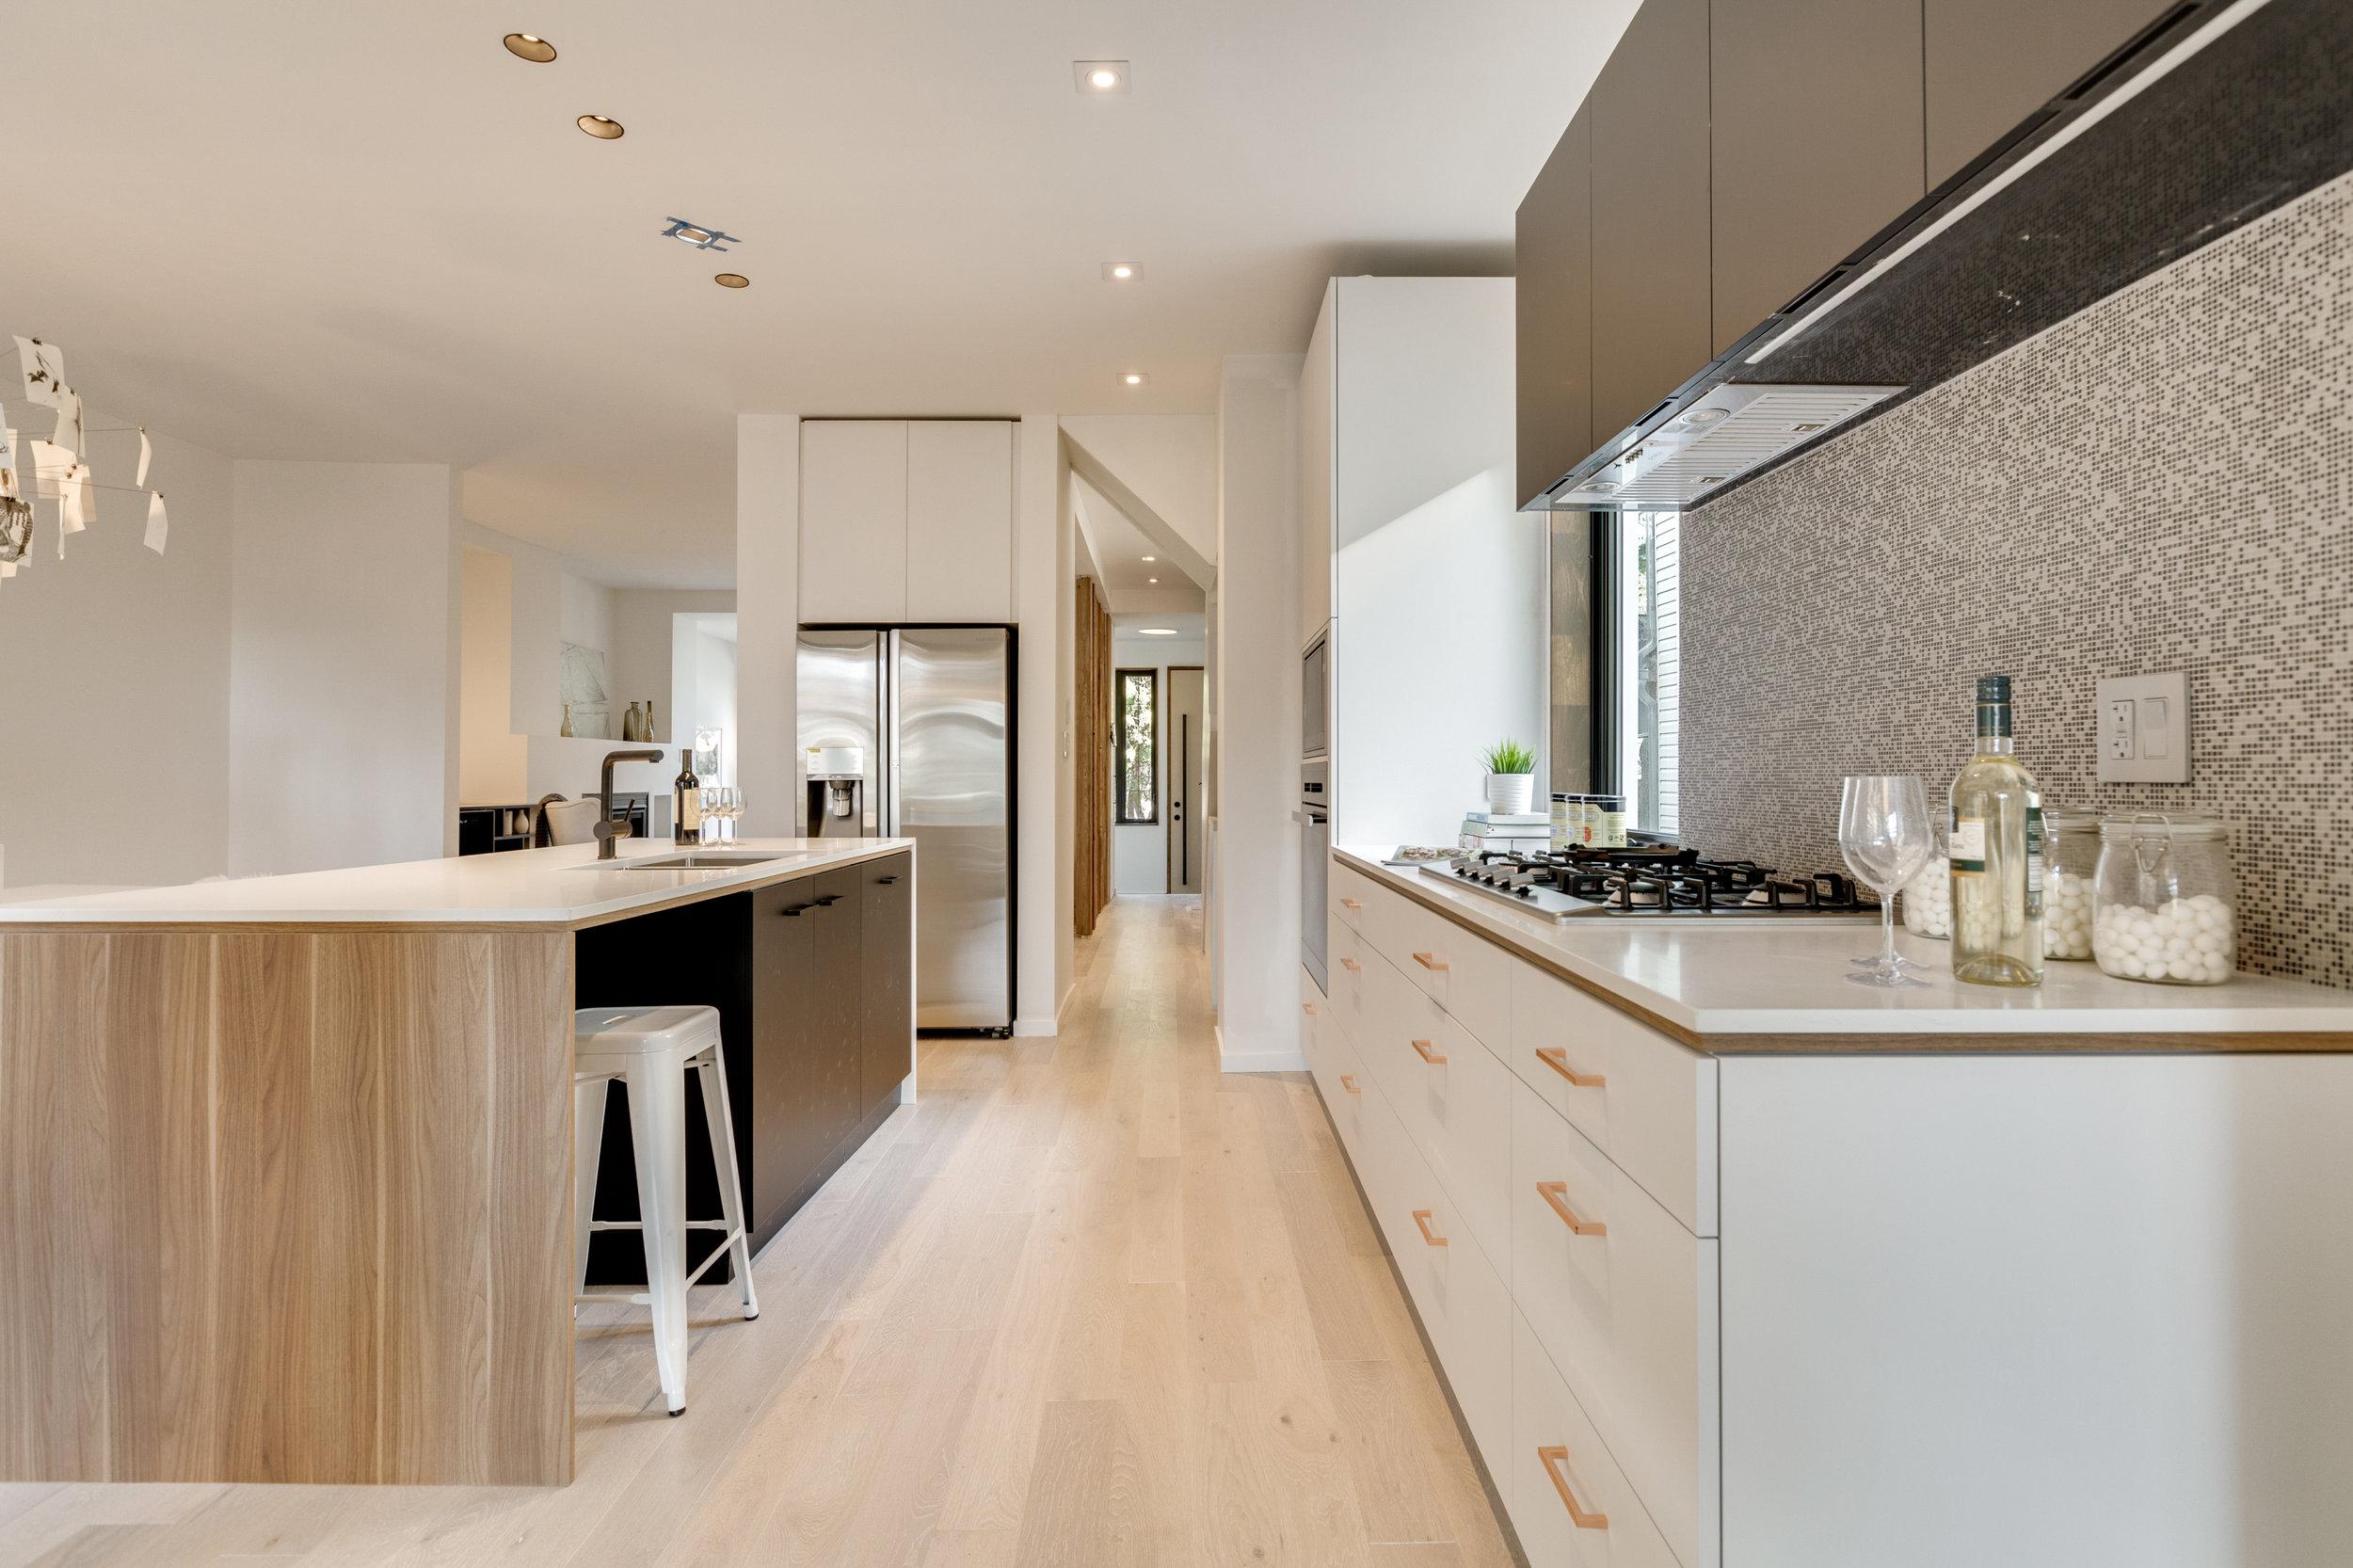 Clean Kitchen Design - Toronto Home Staging